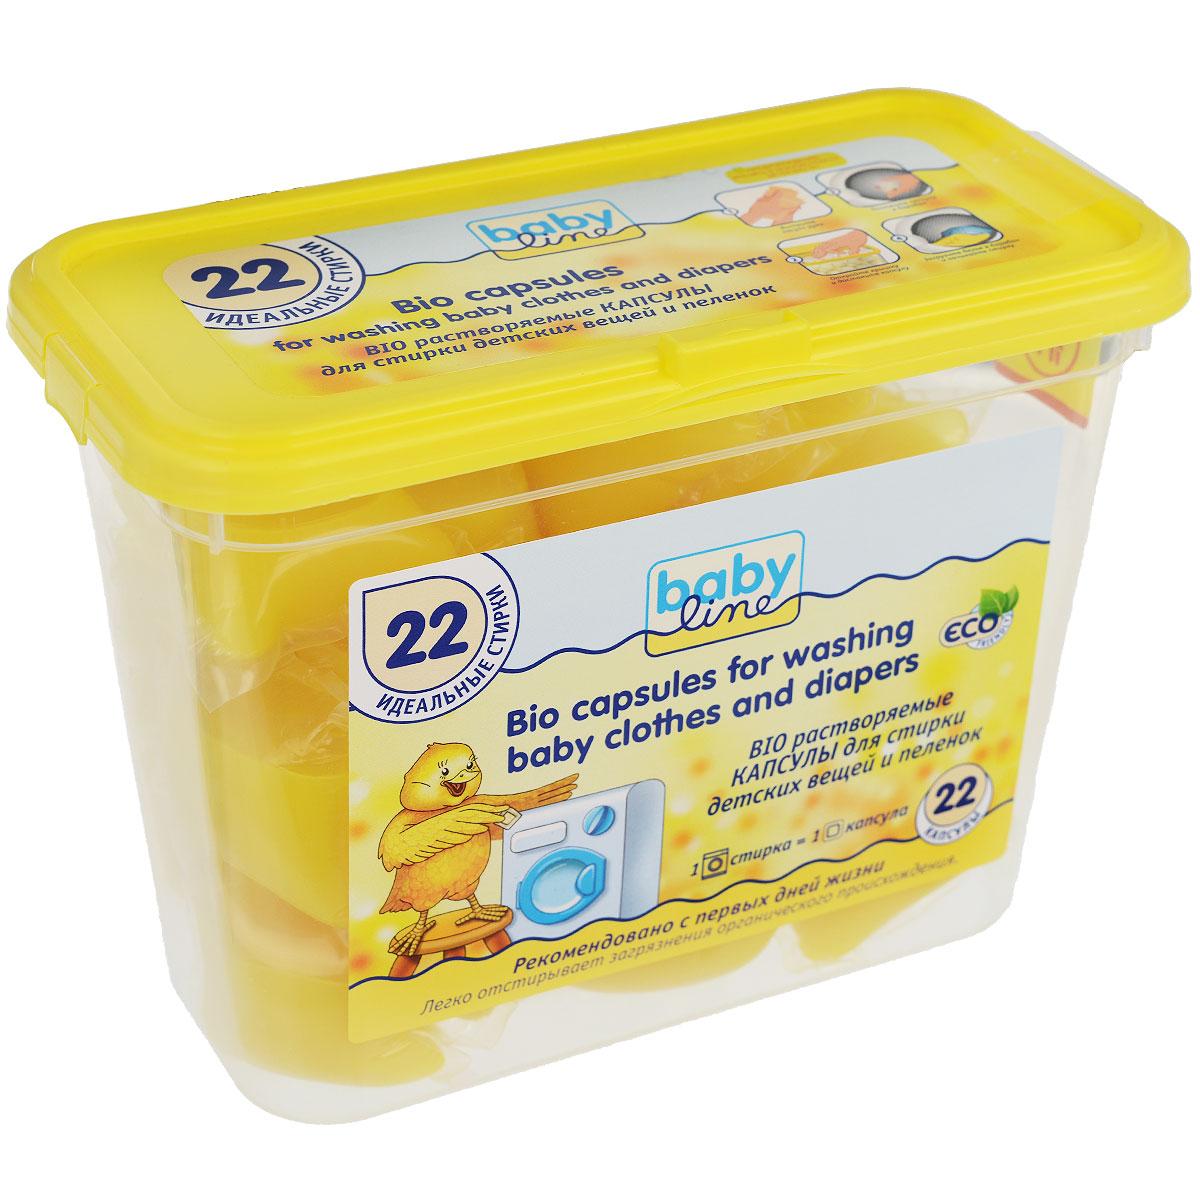 BabyLine BIO растворяемые капсулы для стирки детских вещей и пеленок, 22 шт18273356BIO капсулы растворяемые для стирки BabyLine не имеют запаха, не вызывают раздражения, идеальны при использовании людьми склонными к аллергии или с чувствительной кожей рук. Применение : 1 стирка = 1 капсула. Характеристики: Количество в упаковке: 22 шт. Вес: 660 г. Артикул: 18273356. Изготовитель: Германия. Товар сертифицирован.